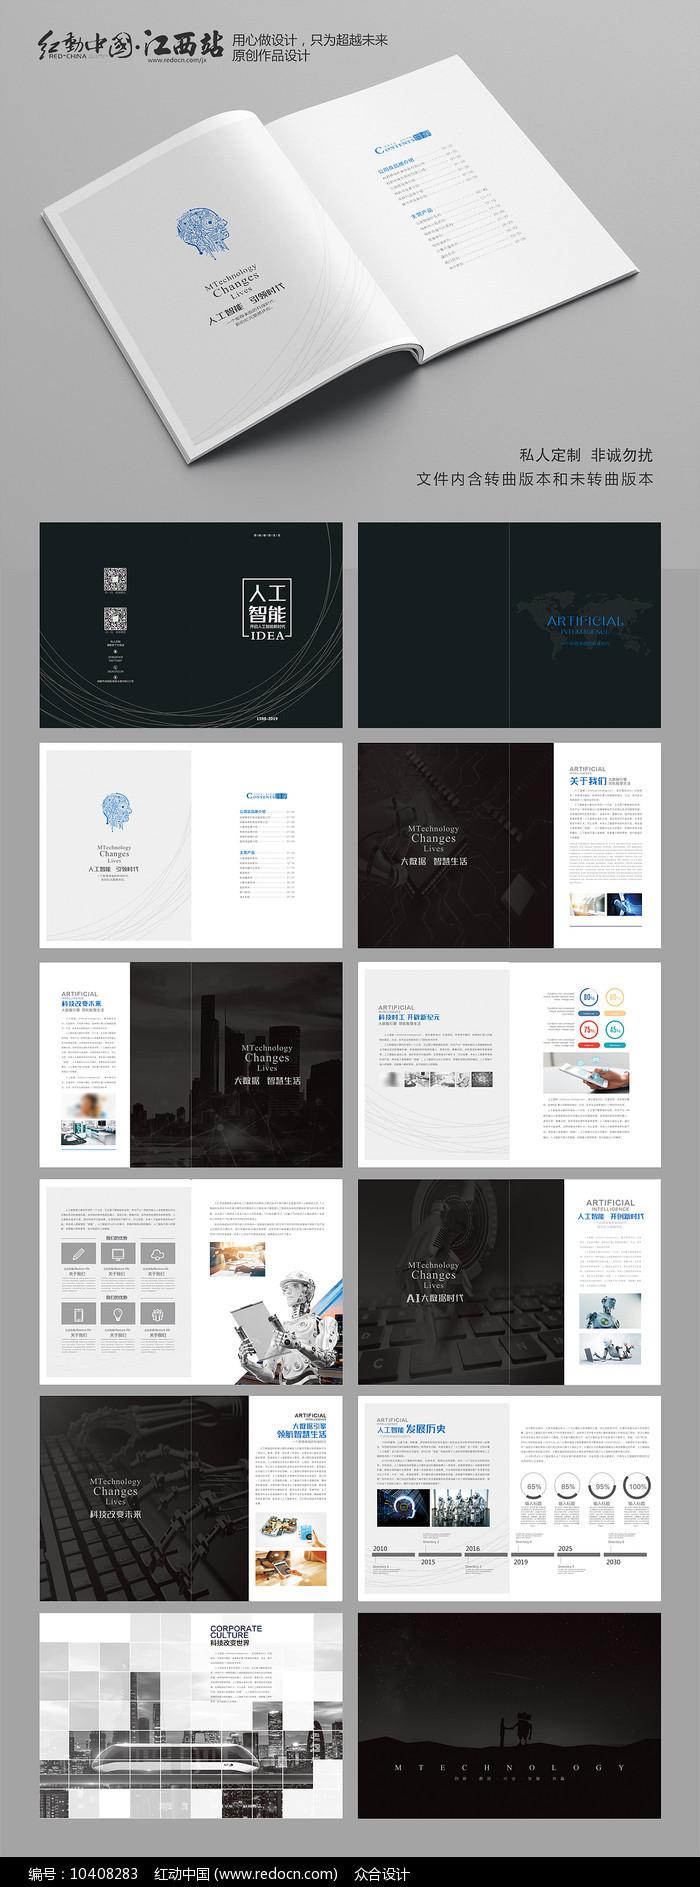 黑色大气人工智能产品画册设计图片